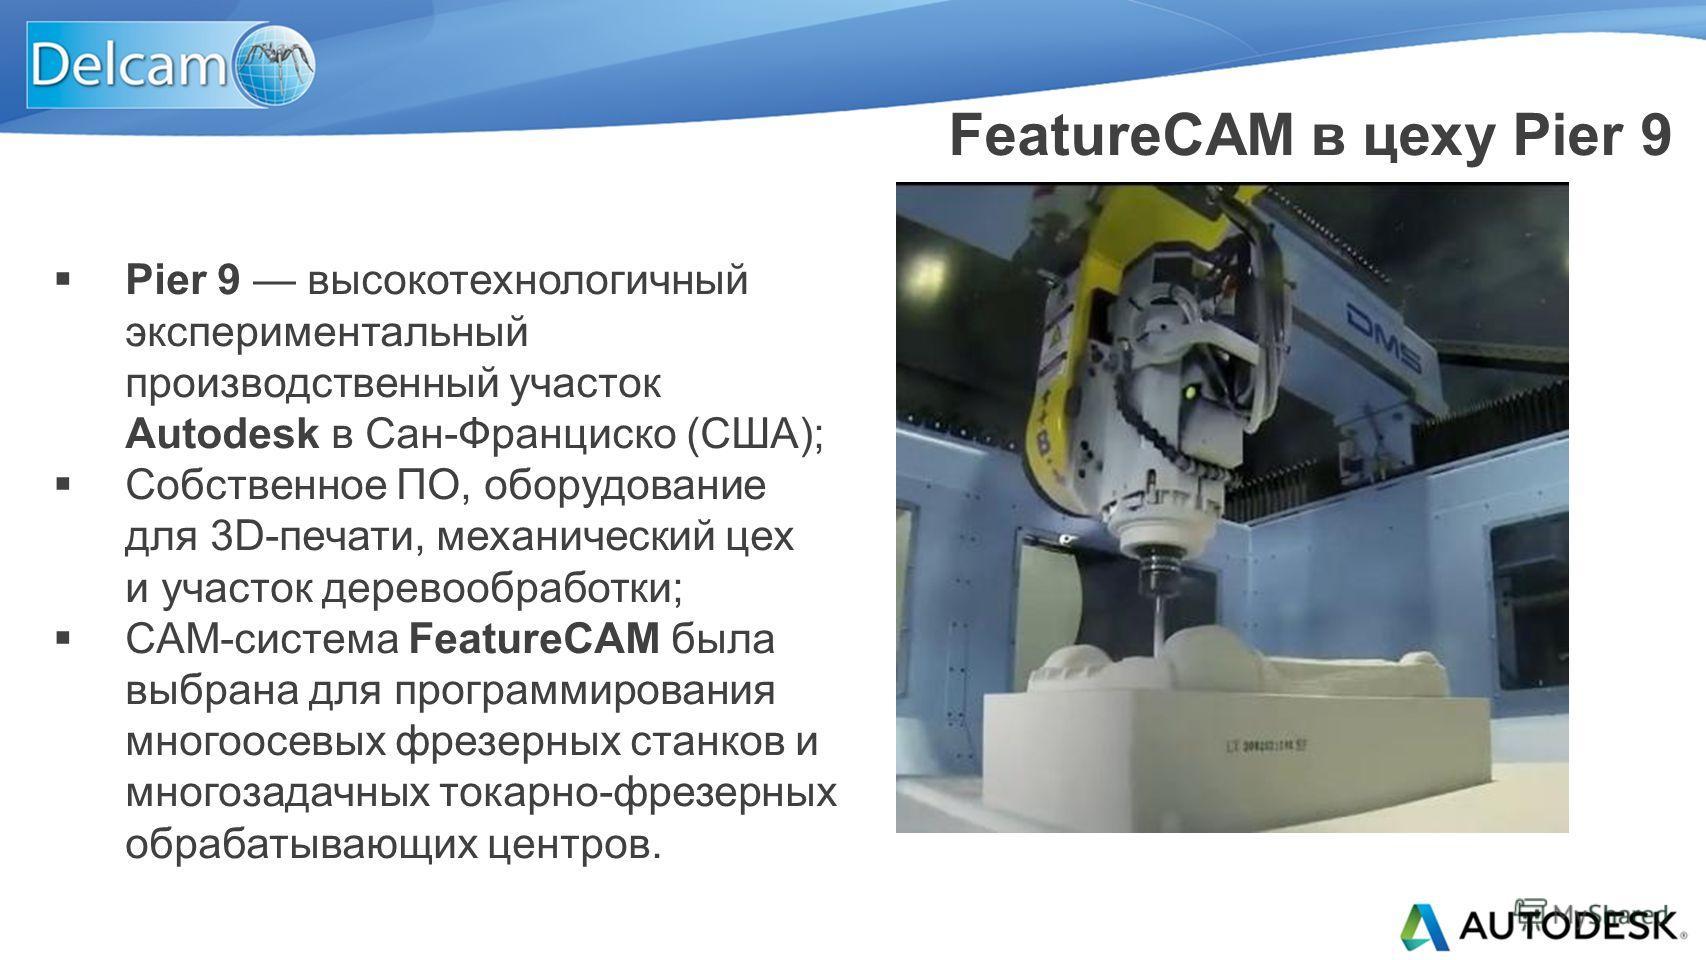 Pier 9 высокотехнологичный экспериментальный производственный участок Autodesk в Сан-Франциско (США); Собственное ПО, оборудование для 3D-печати, механический цех и участок деревообработки; CAM-система FeatureCAM была выбрана для программирования мно